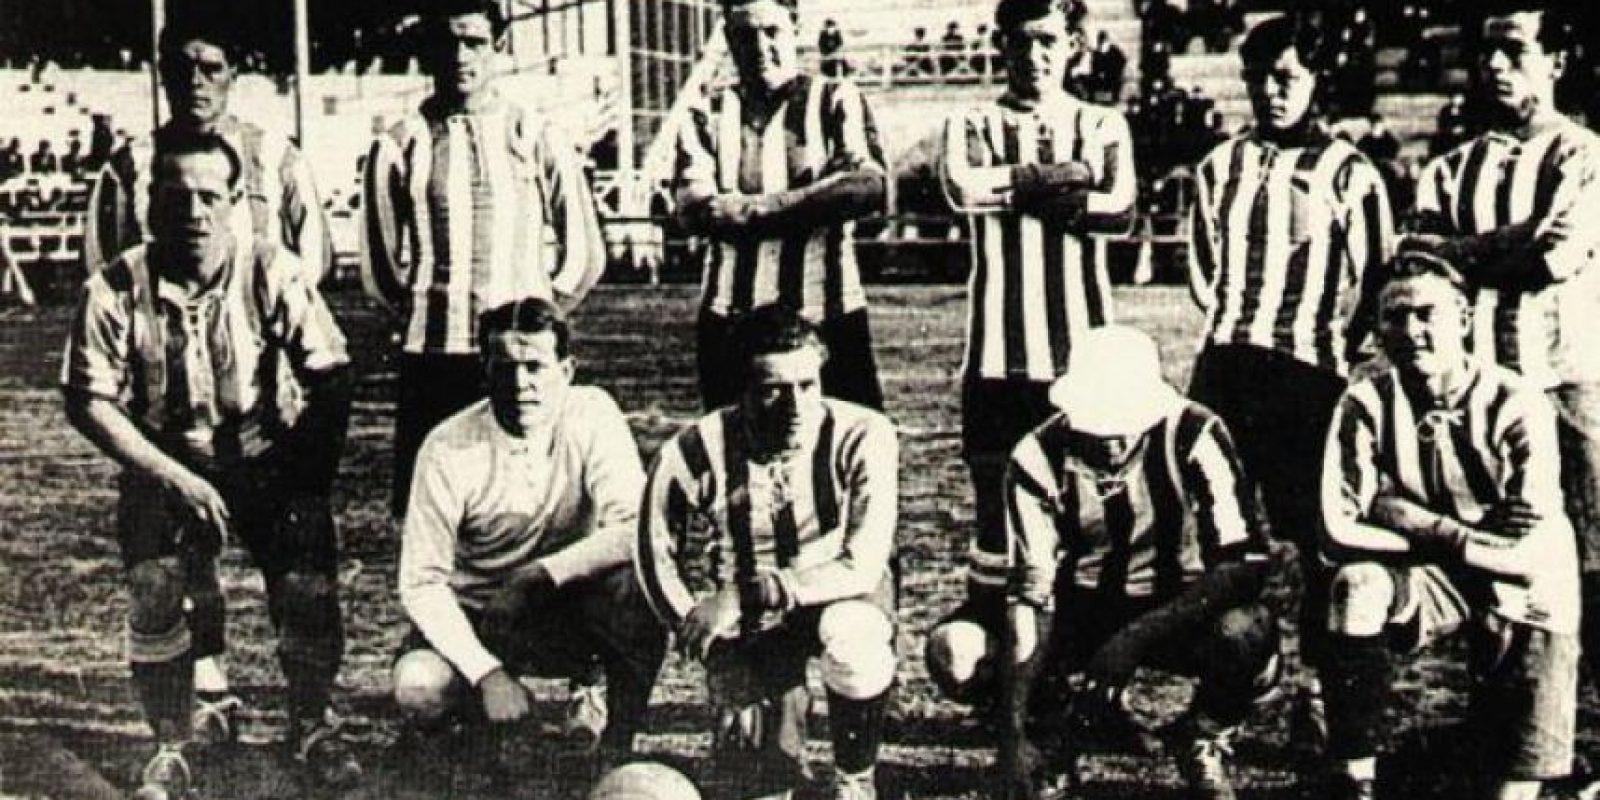 También en 1916 se vivió una anécdota curiosa: El jugador de Huracán, José Laguna, se encontraba en las gradas viendo el duelo entre Argentina y Brasil. Sin embargo, una lesión de un futbolista argentino, hizo que el cuerpo técnico llamara a Laguna y este entrara de emergencia al juego. El duelo terminó empatado 1-1. Foto:Wikimedia